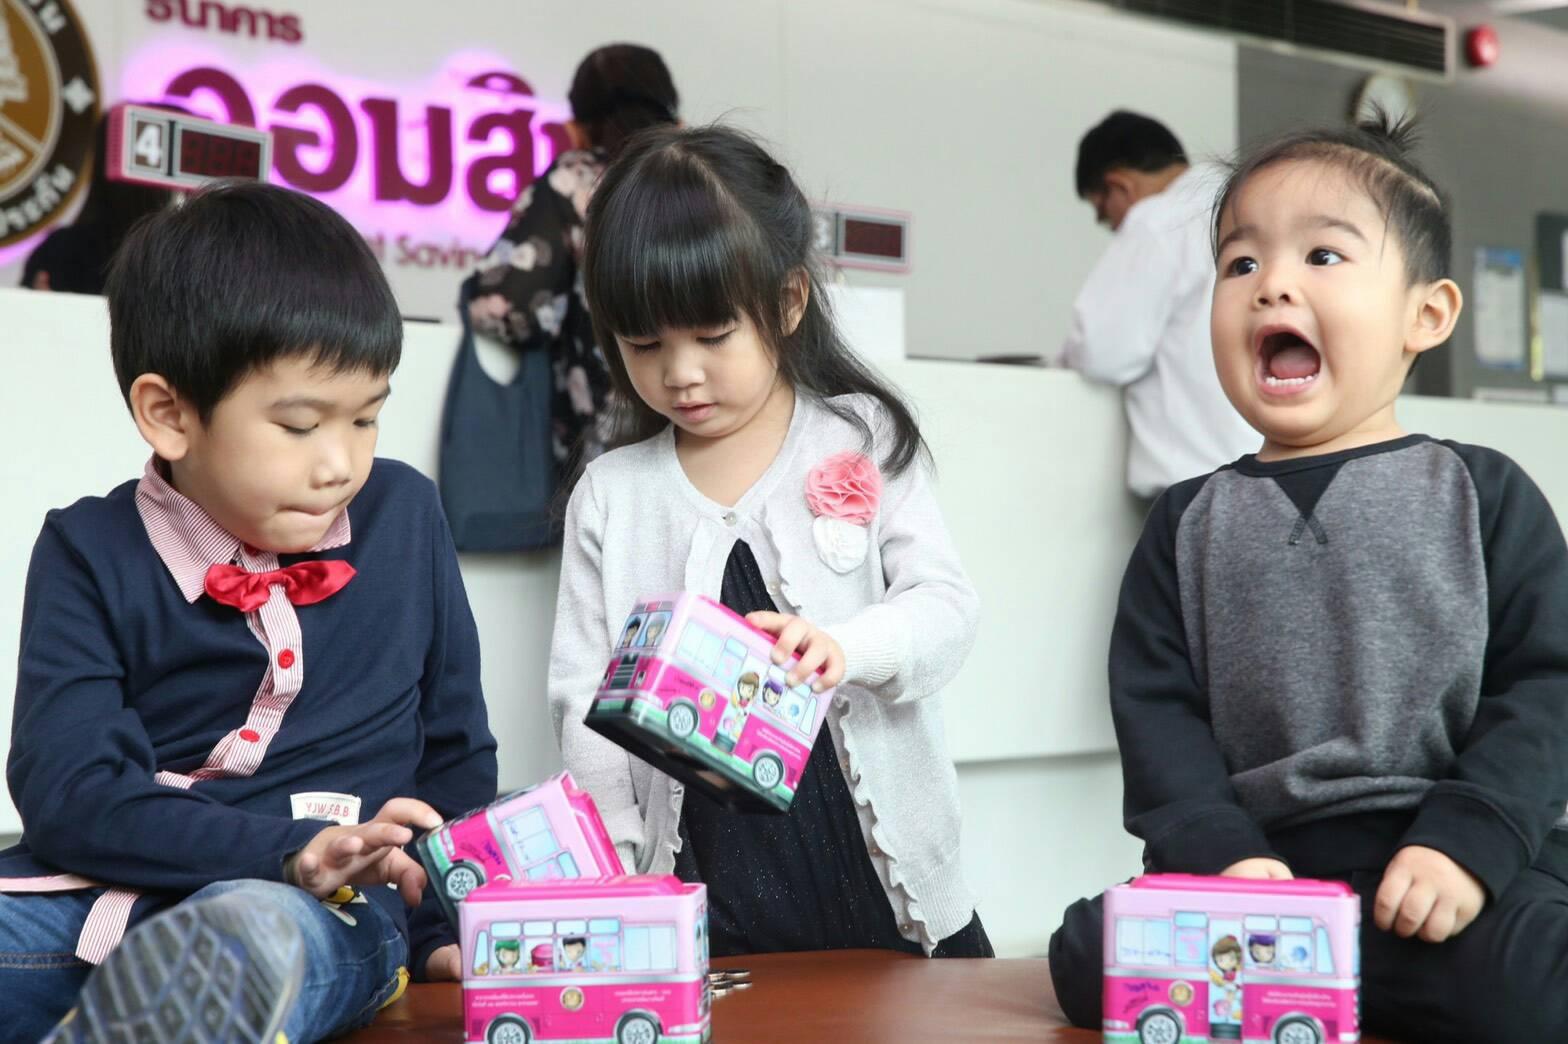 """วันเด็กปีนี้ธนาคารออมสิน ชวนออมสินกับ """"รถออมสิน"""""""